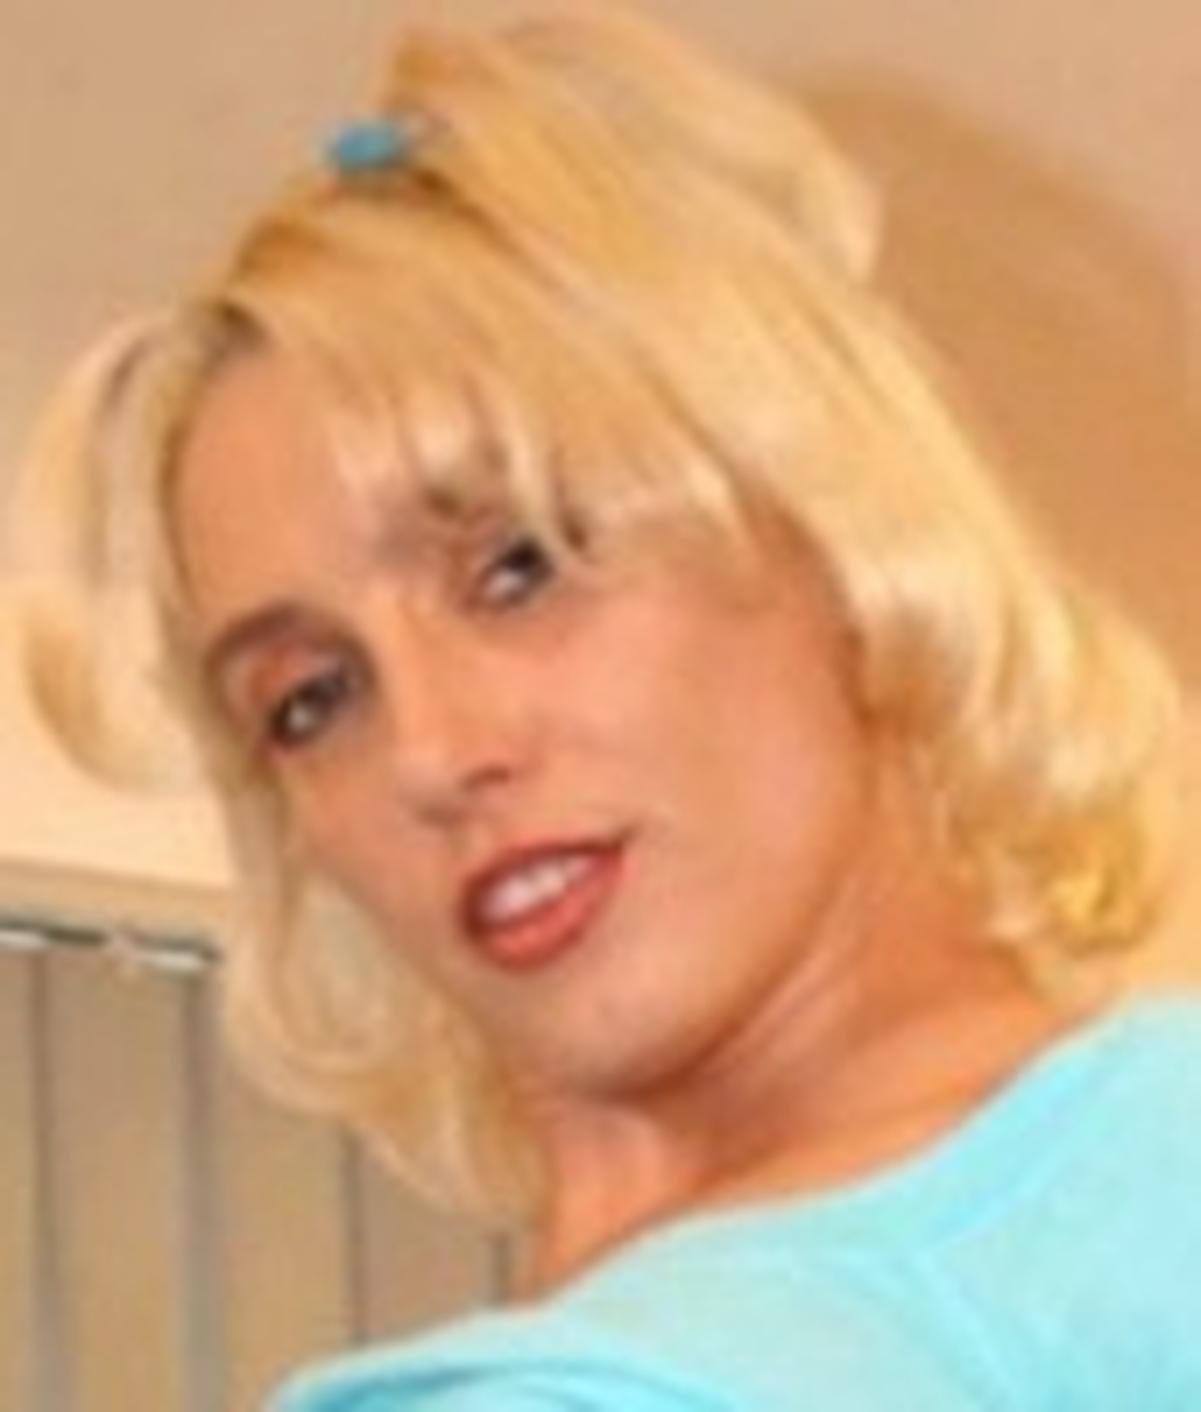 Malory Knox